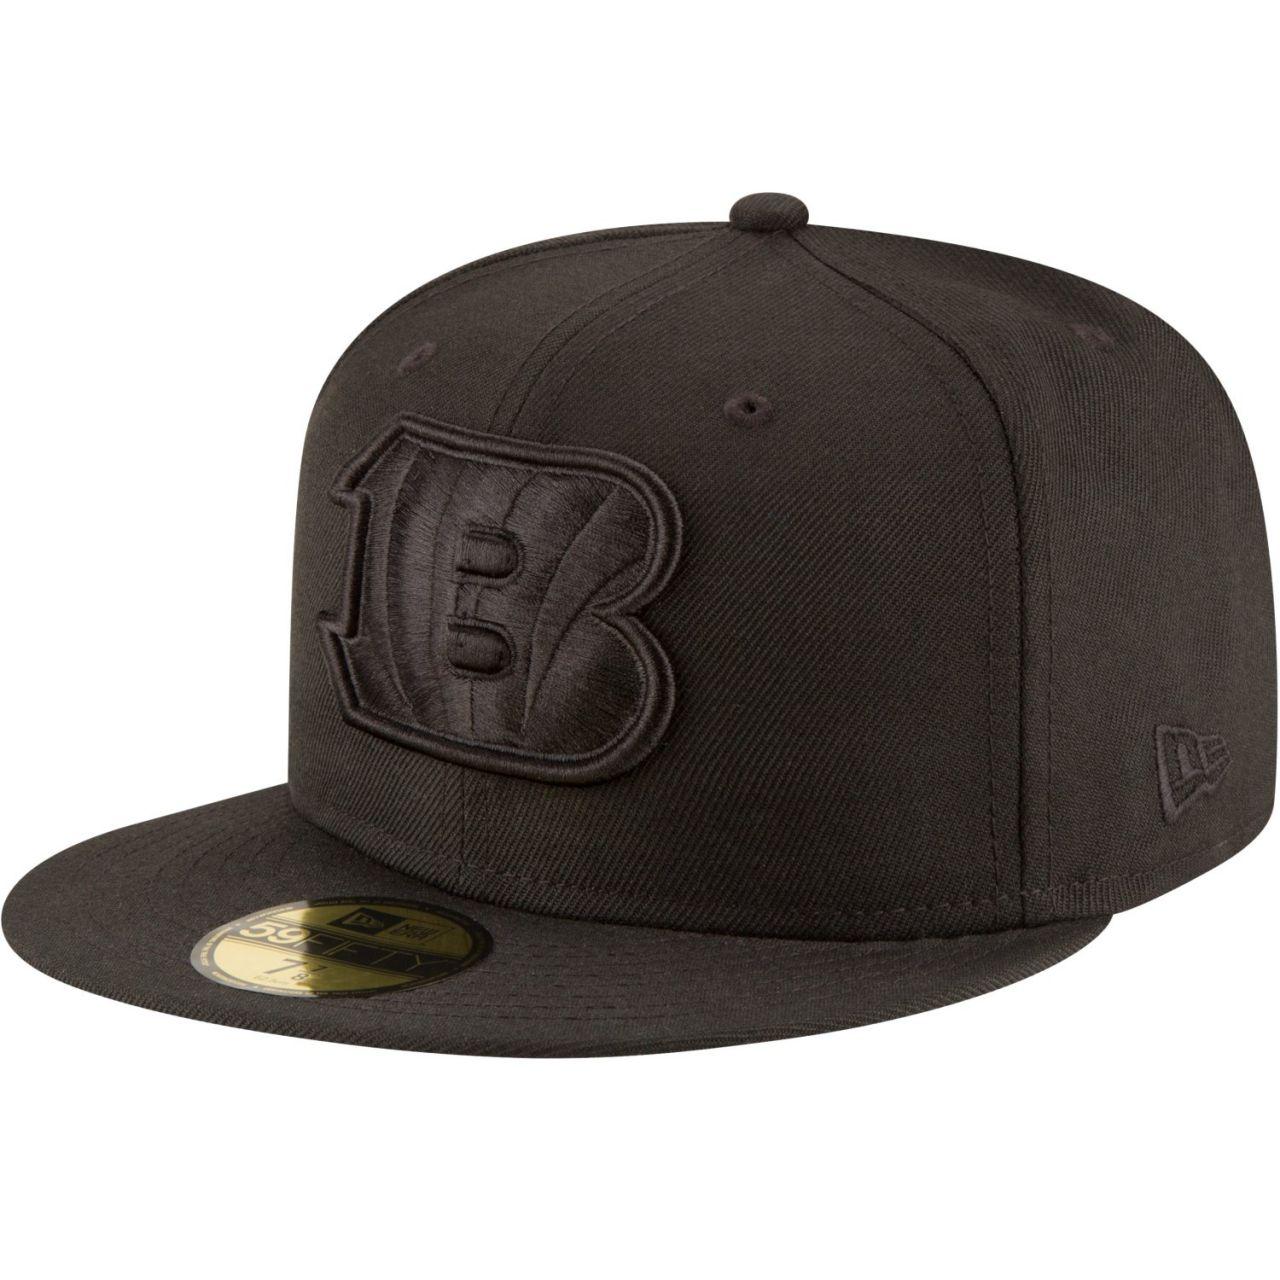 amfoo - New Era 59Fifty Cap - NFL BLACK Cincinnati Bengals